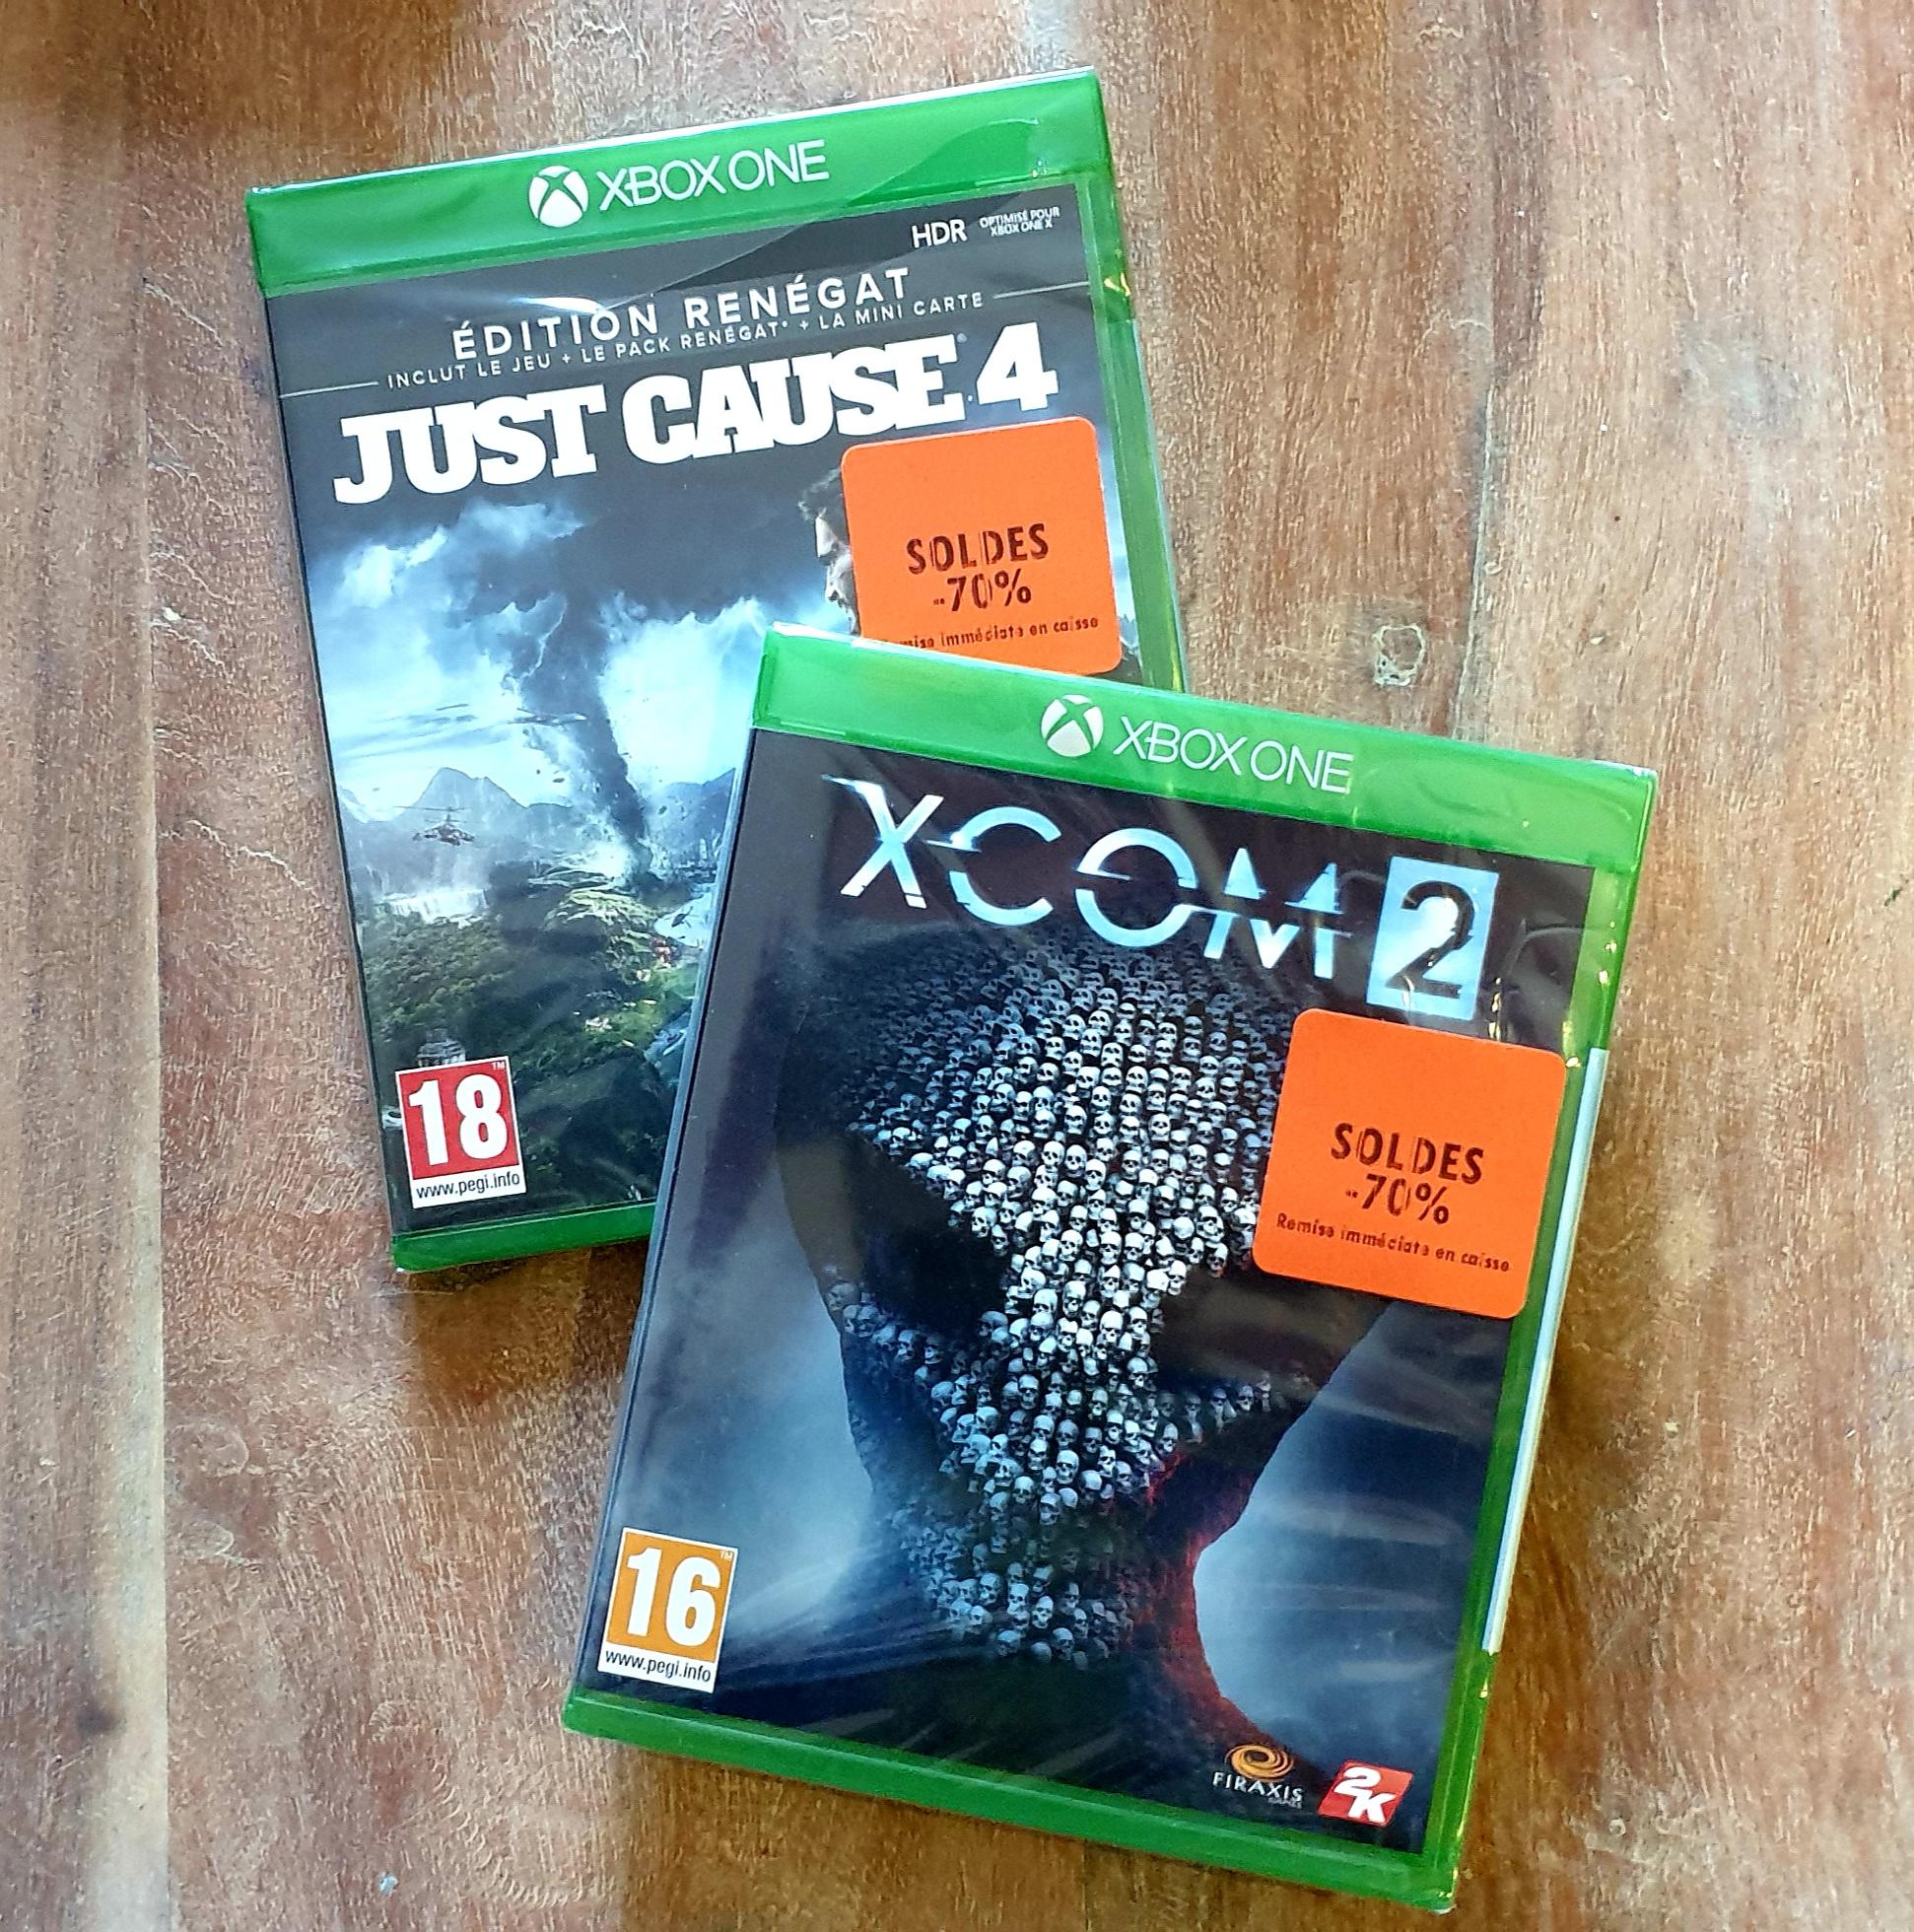 Just Cause 4 - Édition Renégat ou XCOM 2 sur Xbox One